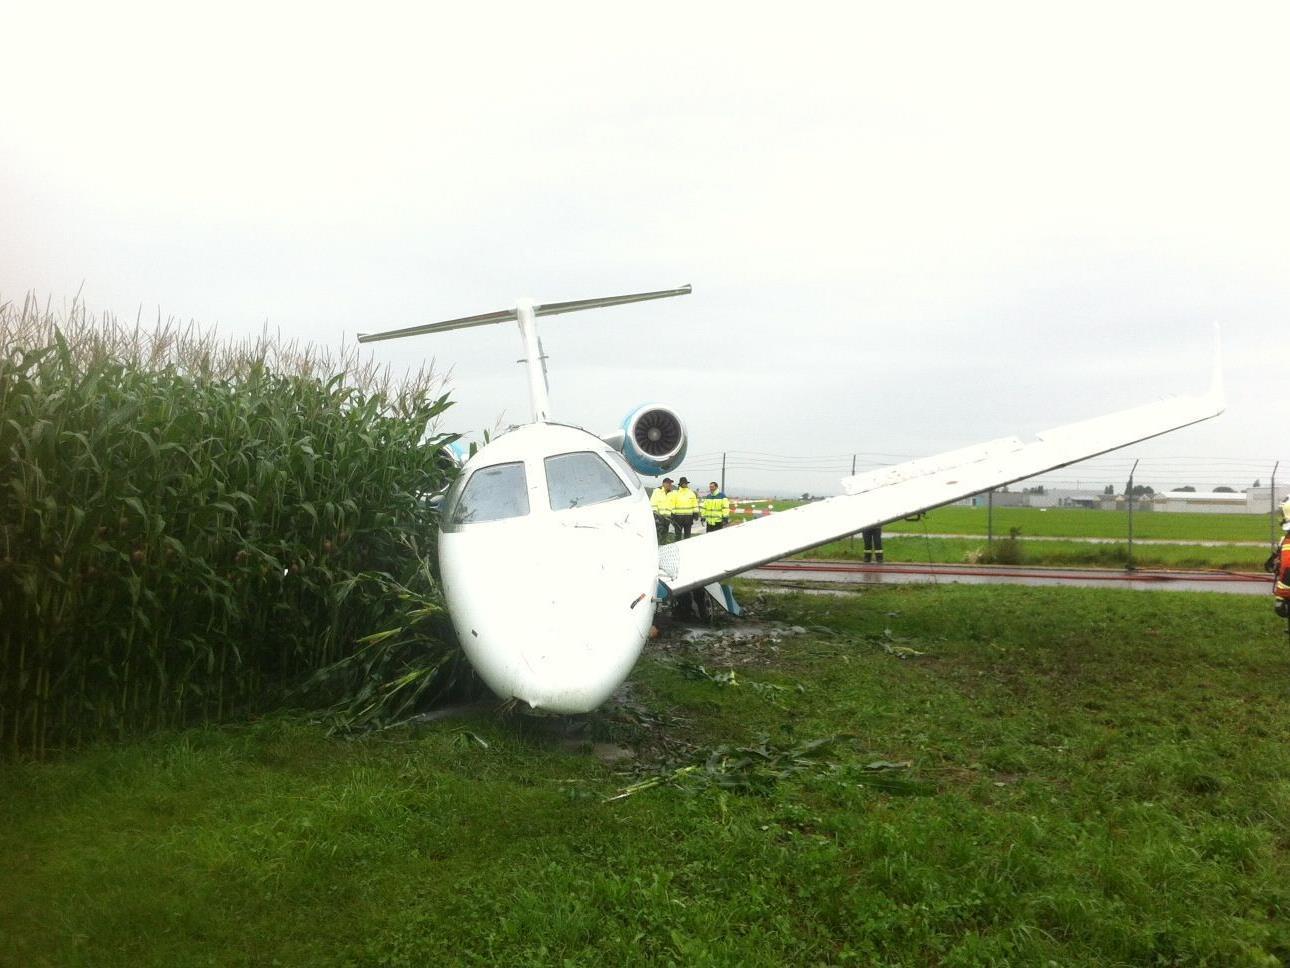 Flugzeug kam erst in einem Maisfeld zum Stillstand